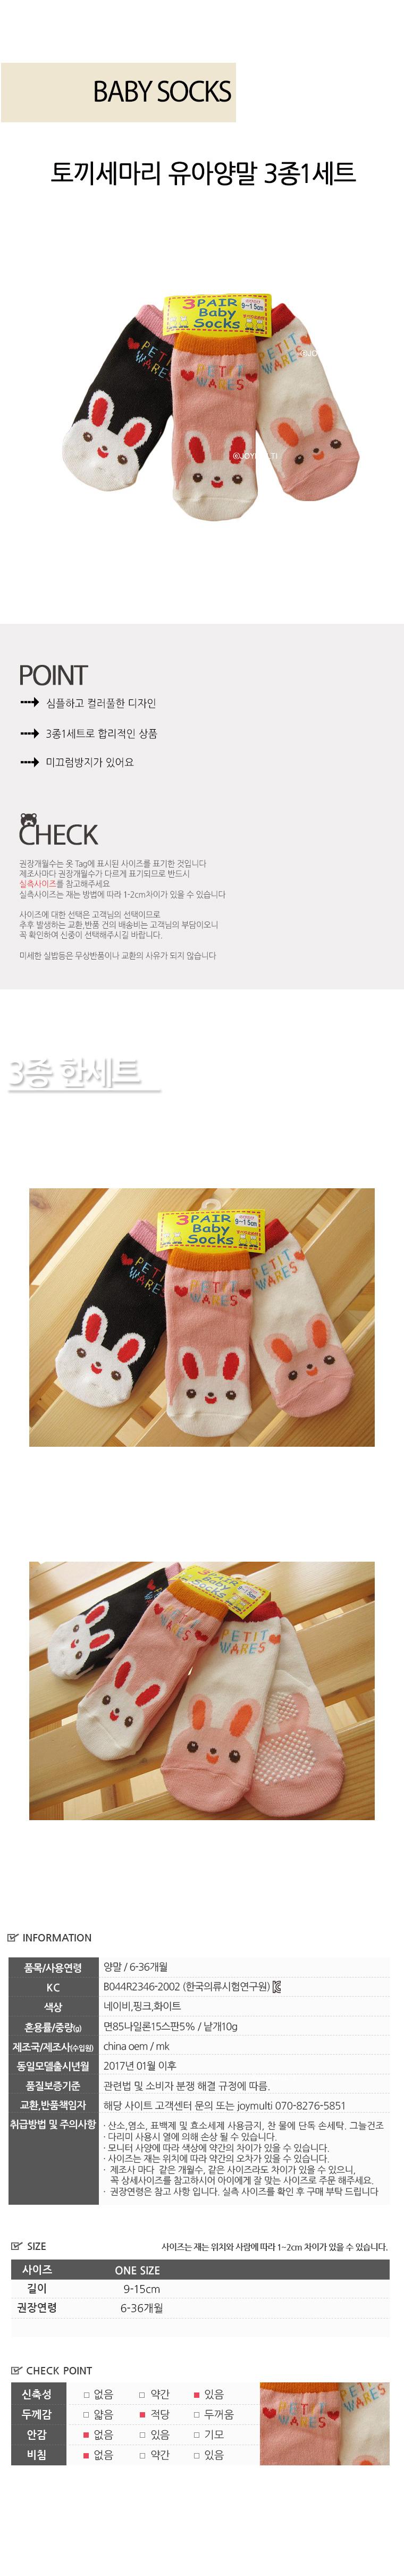 토끼세마리 유아양말 3종1세트(9-15cm)500003 - 조이멀티, 5,200원, 이너웨어/홈웨어, 유아동양말